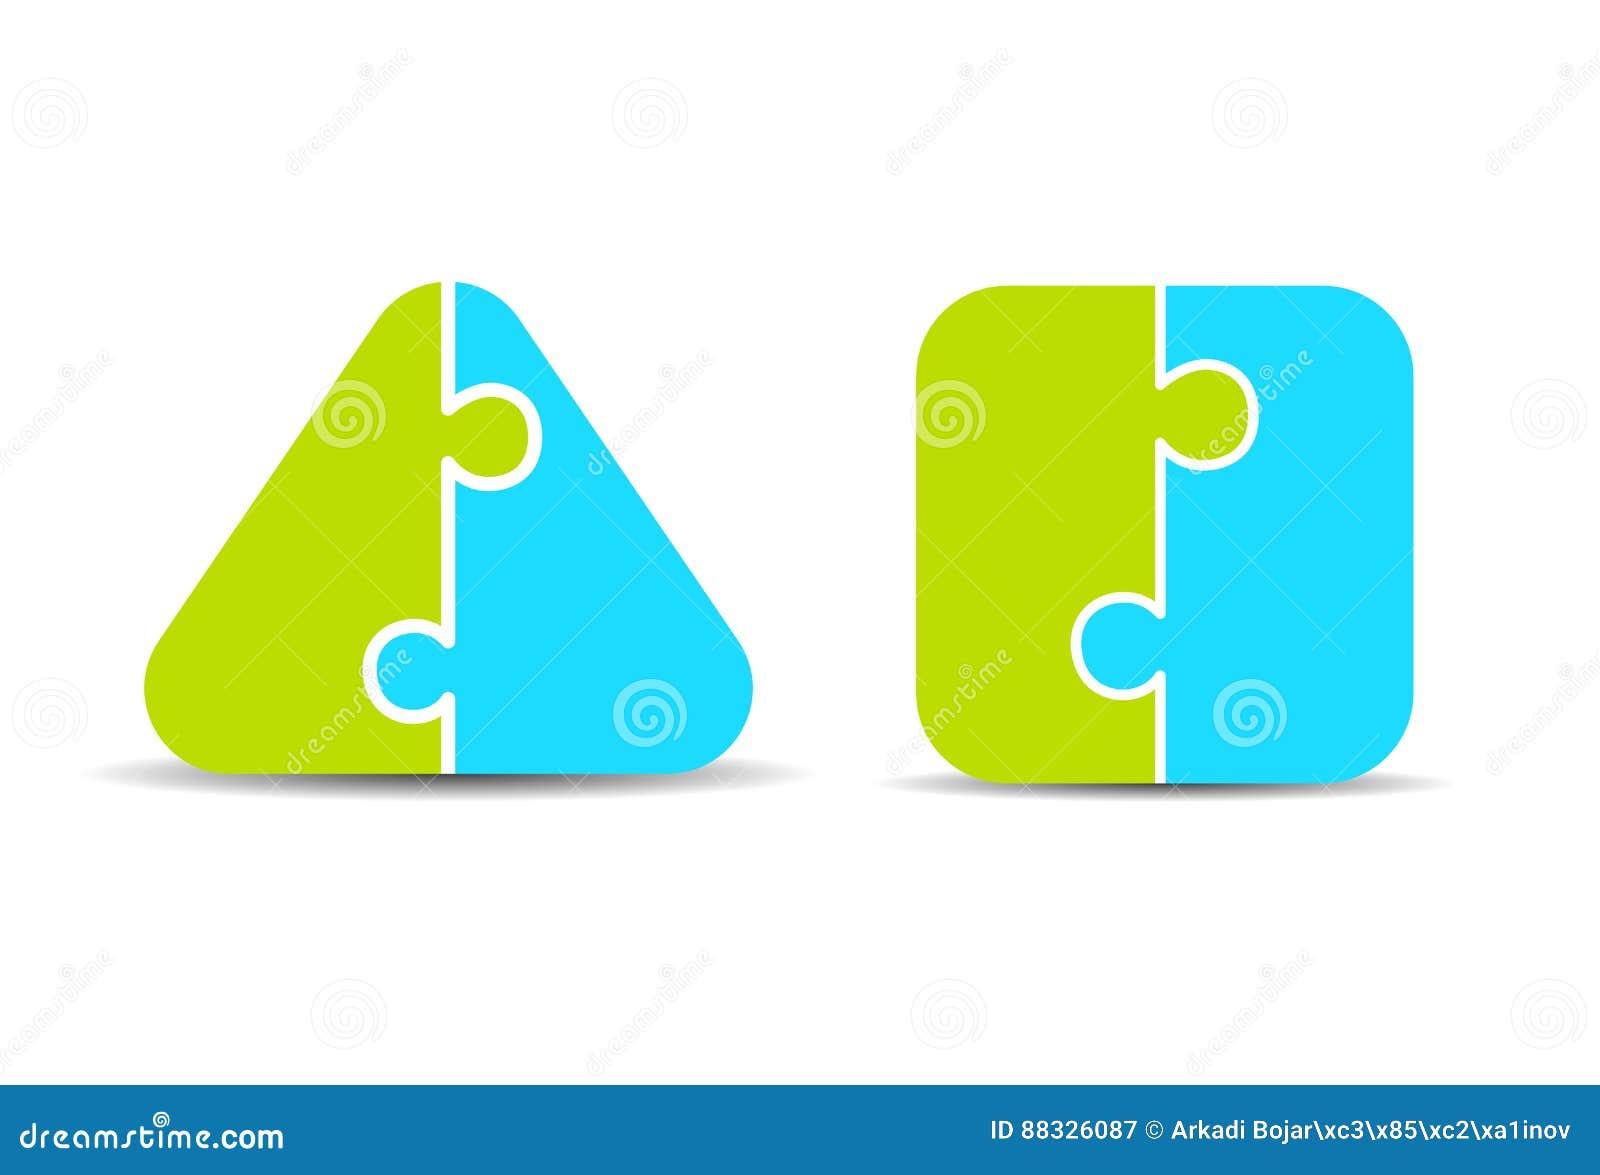 För- och nackdelar pusseldiagram för två del